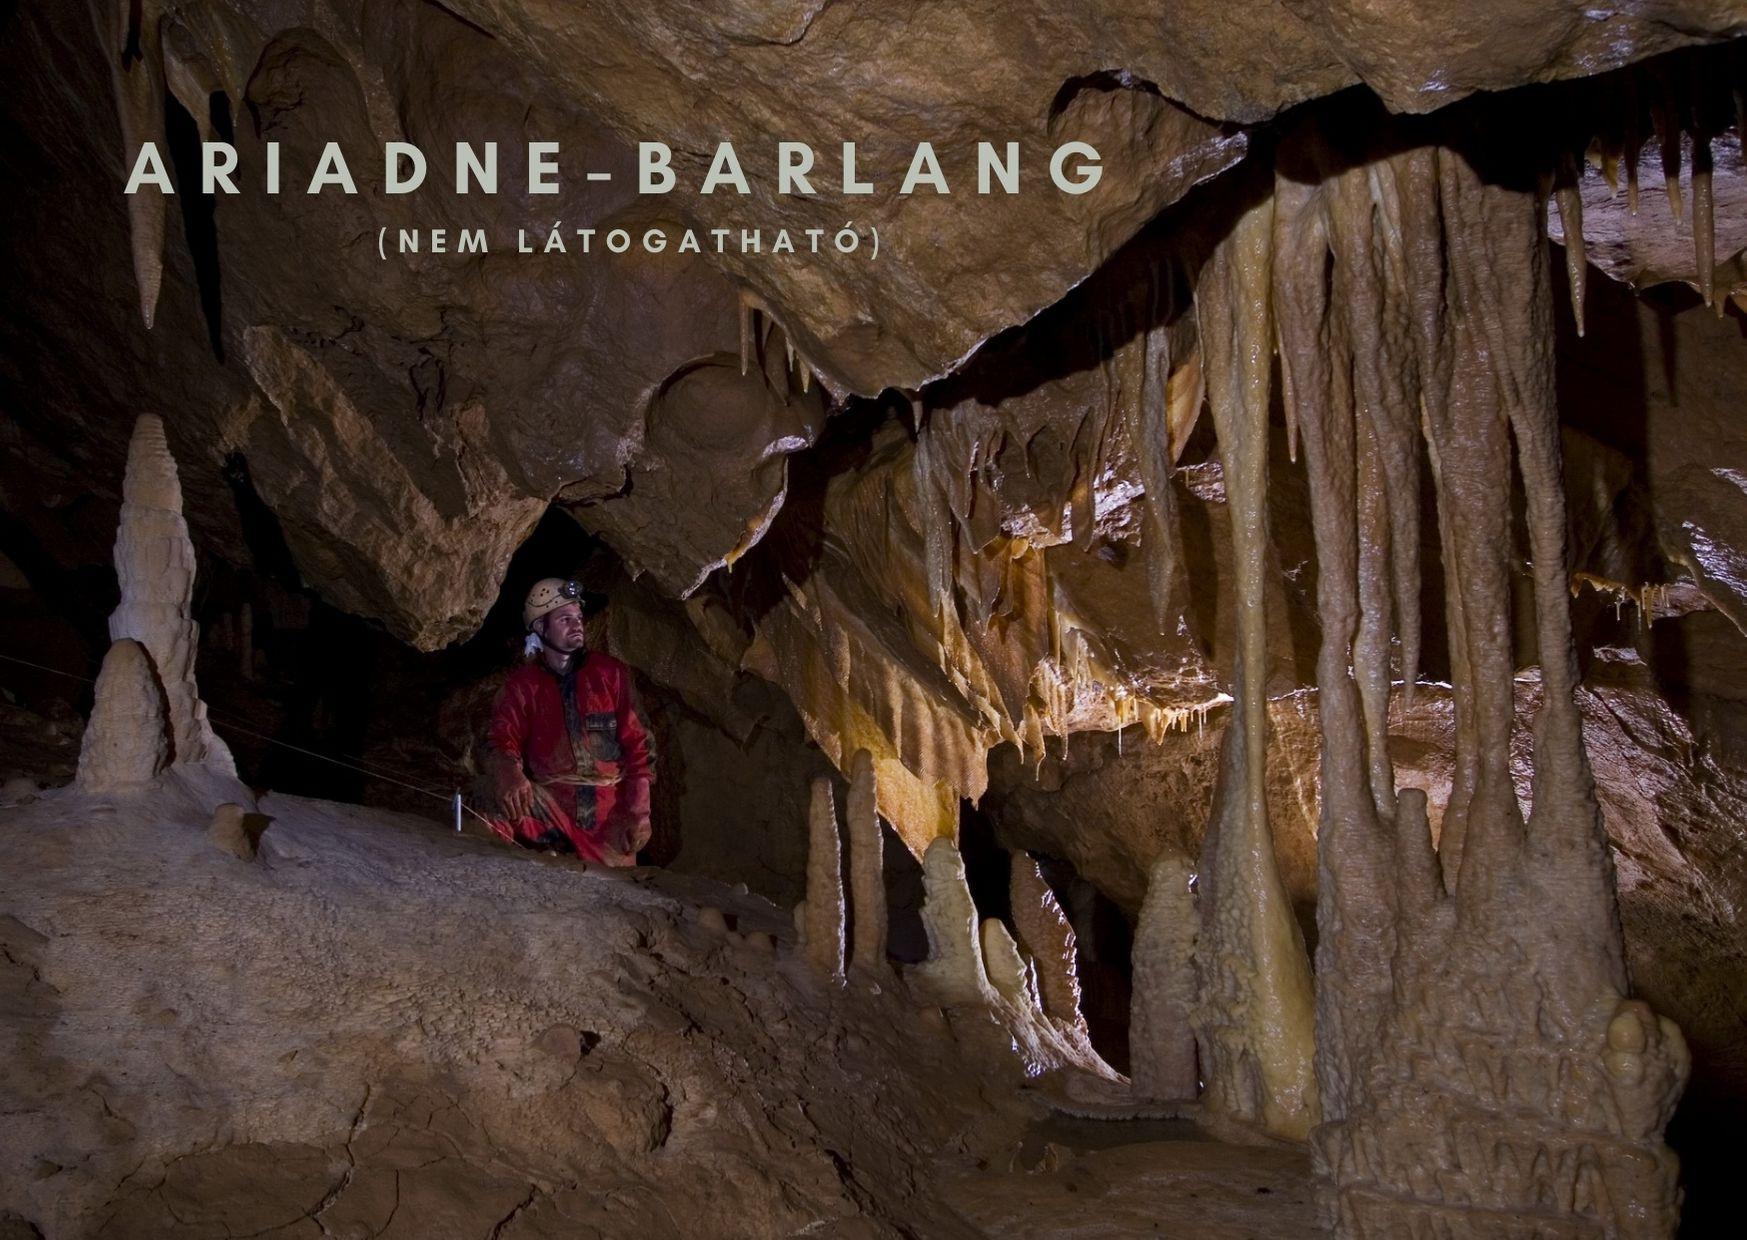 Ariadne-barlang.jpg